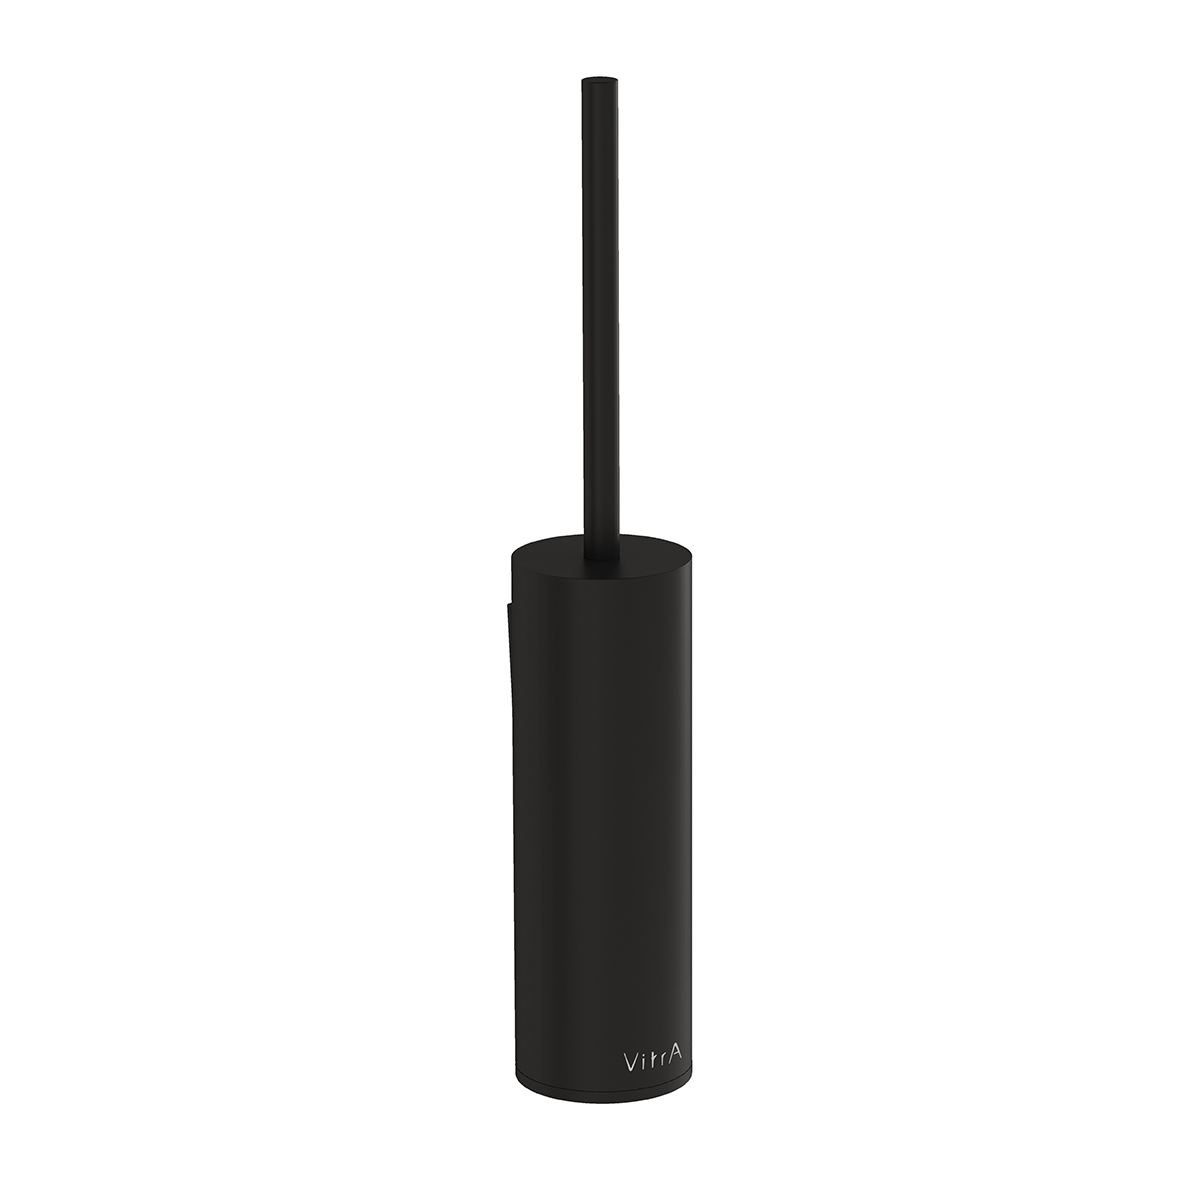 Origin WC-Bürstengarnitur Wandmontage, Ø 70 mm, Schwarz Matt